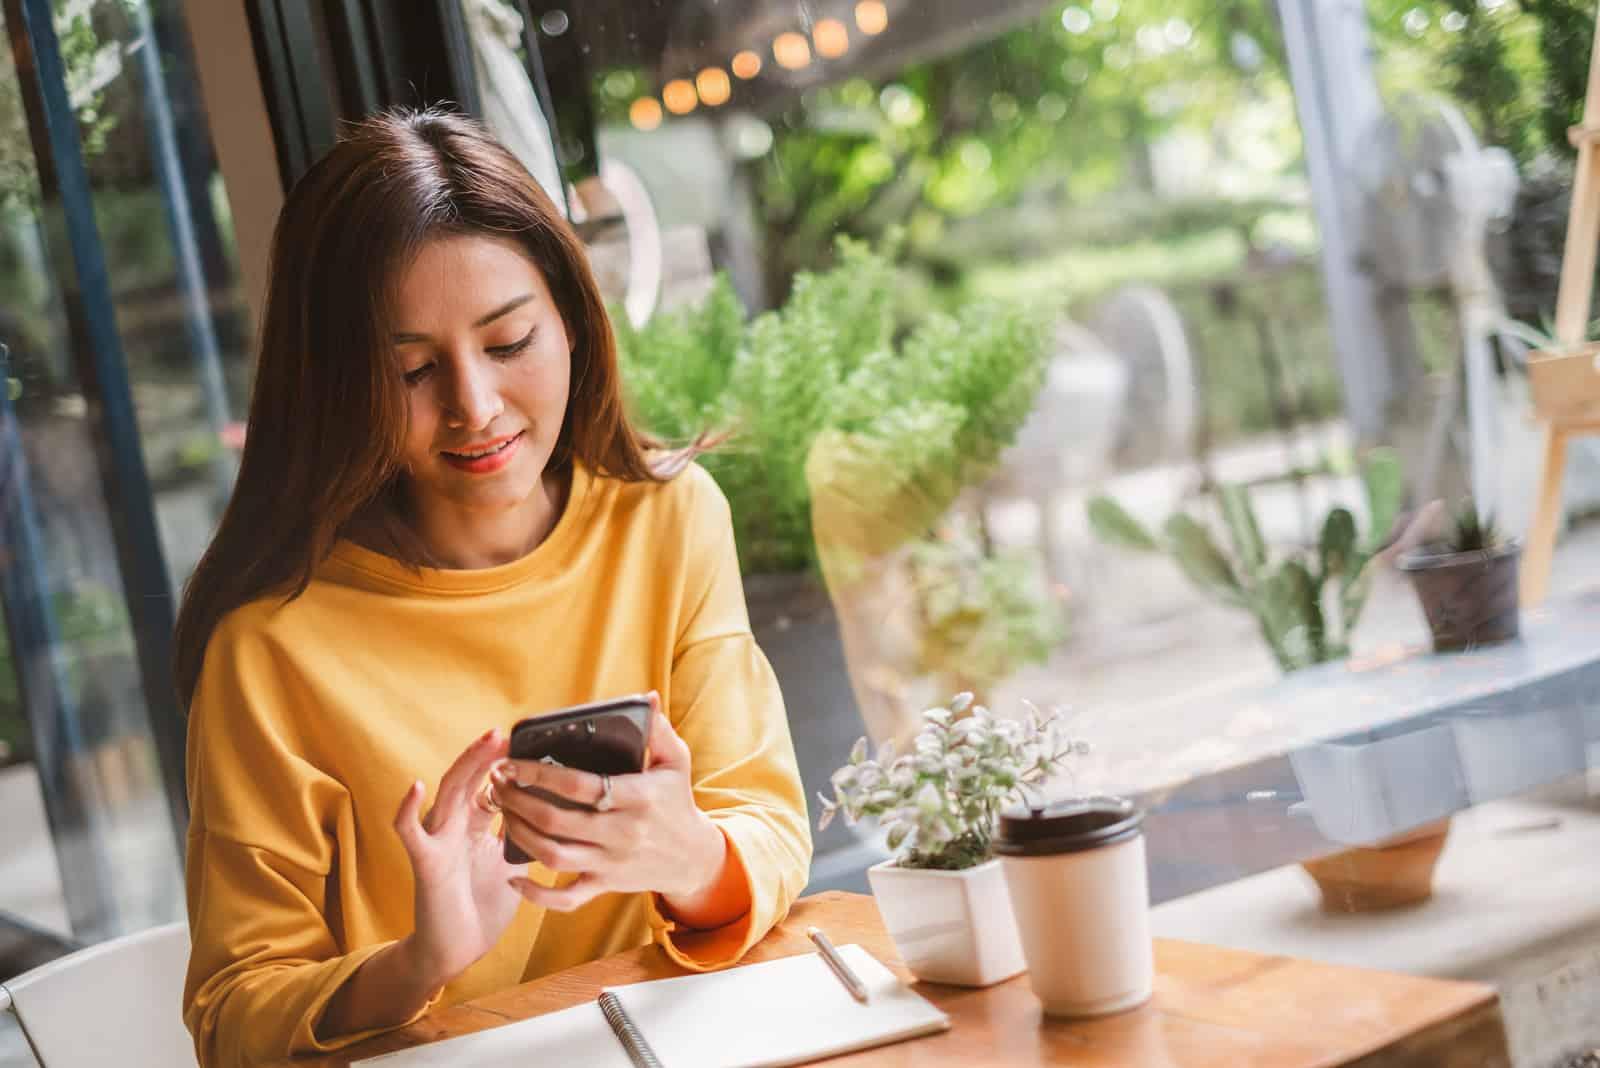 une femme assise dans un café et en appuyant sur un téléphone